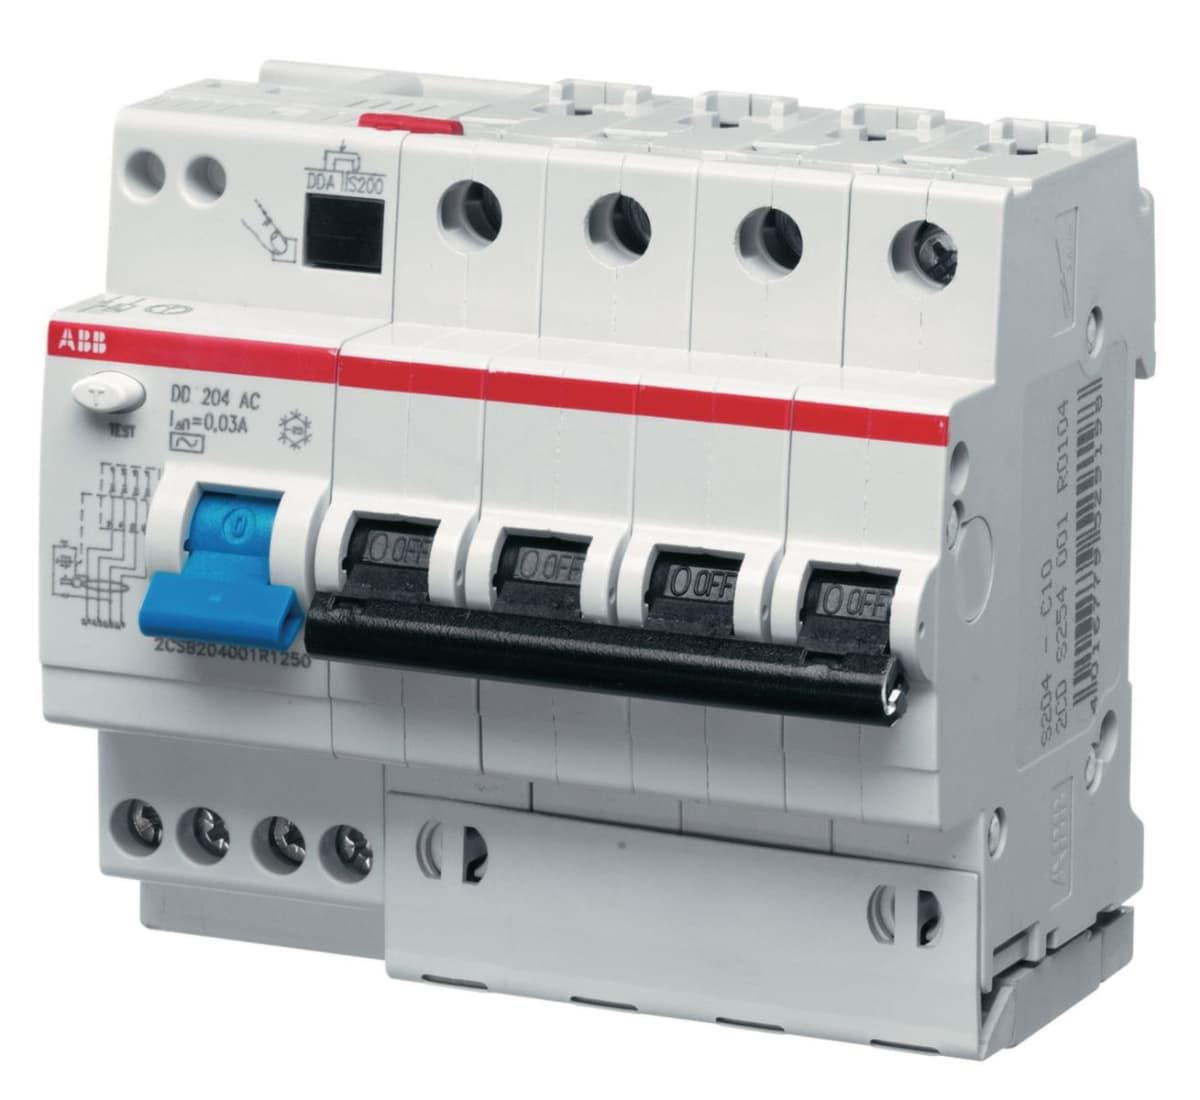 Дифференциальный автомат DS201 M C16 AC30. УЗО и дифференциальные автоматы – что выбрать?